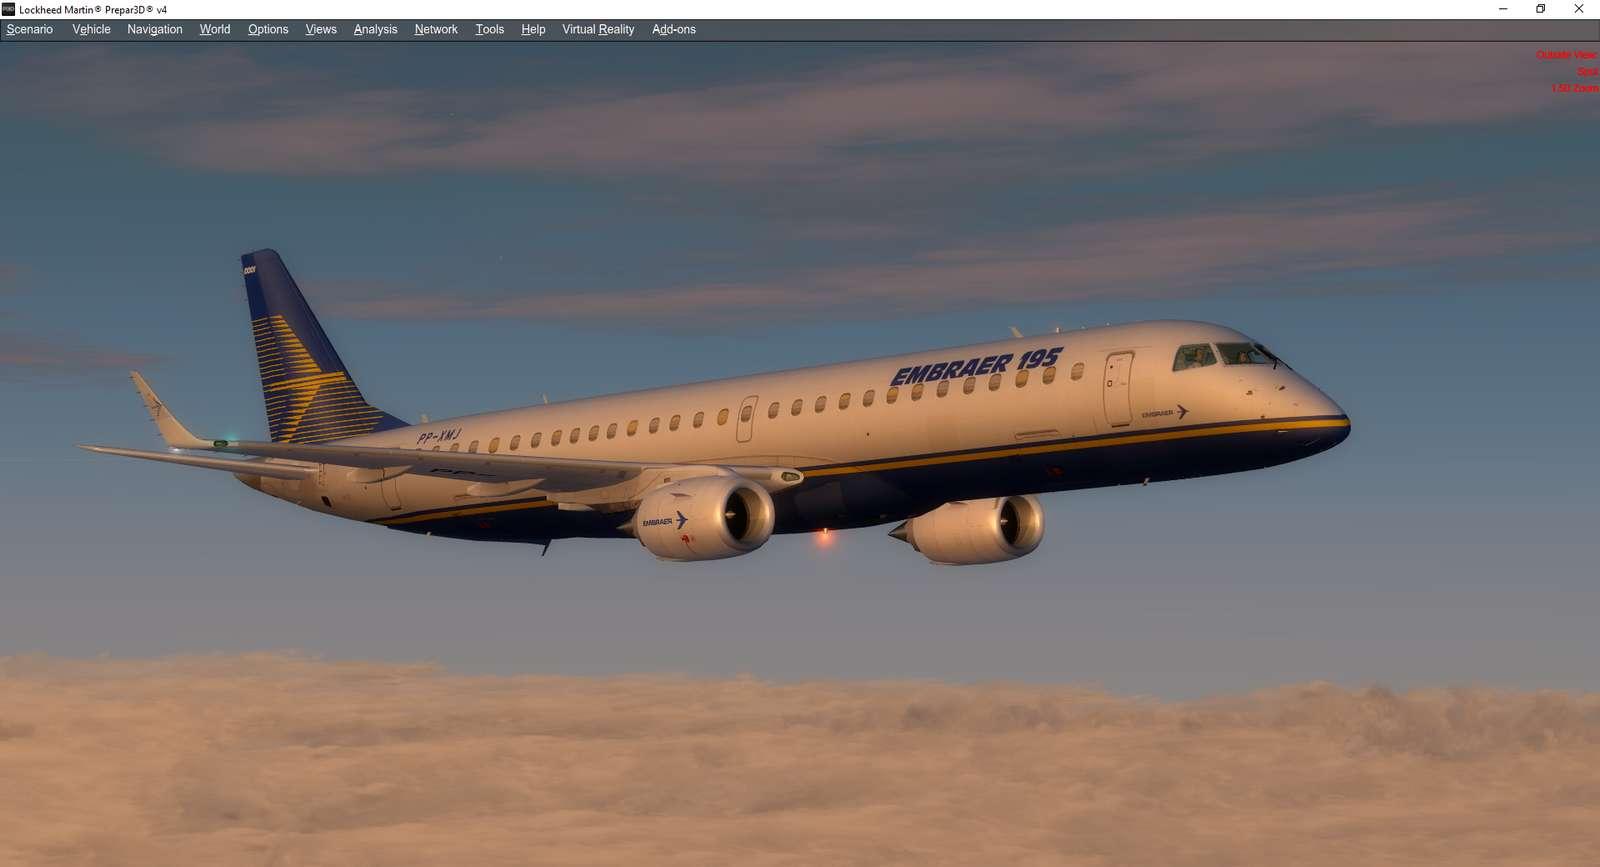 Embraer E-Jets v2 Embraer 175 and 195 (P3D v4 1)